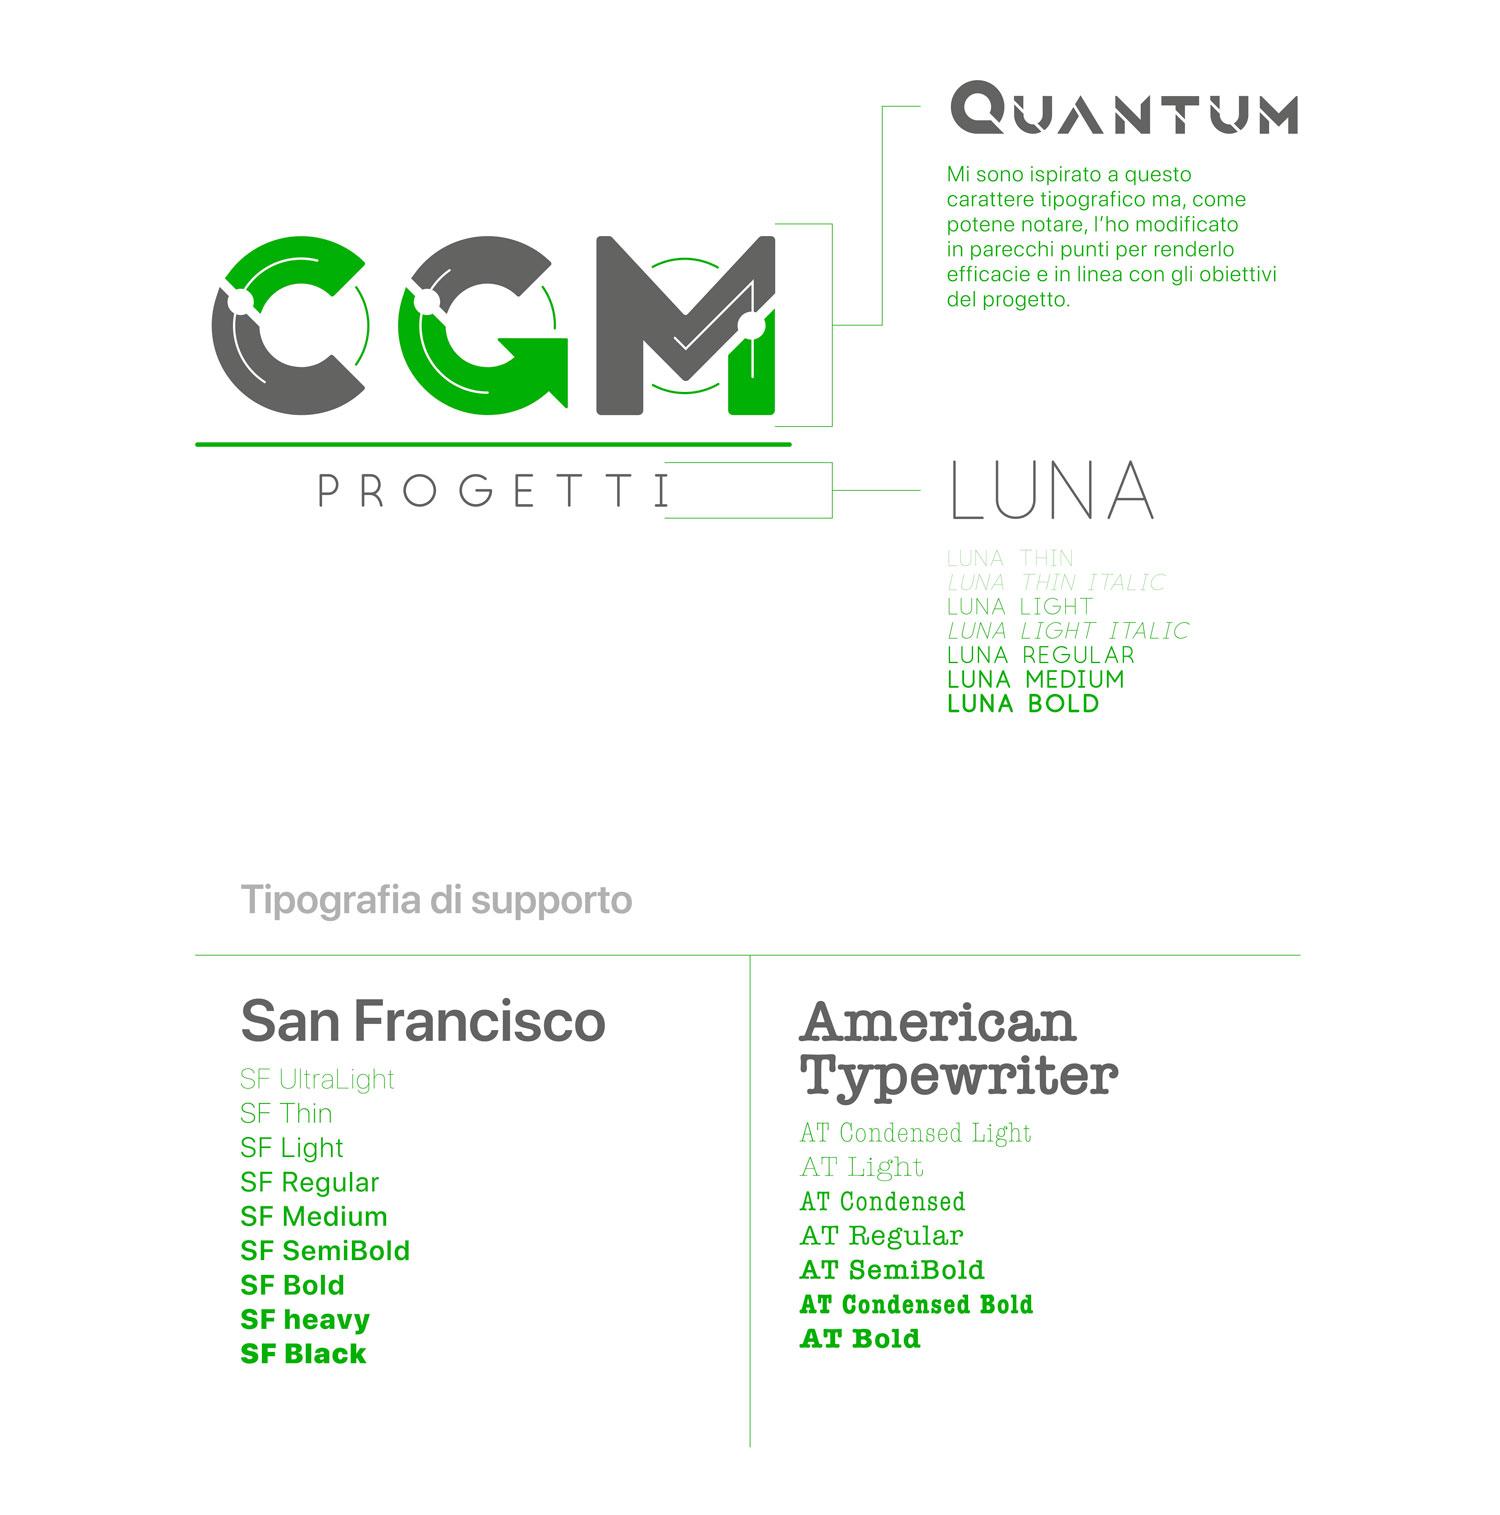 logo cgm progetti in verde e grigio con scritte sulla destra e in basso